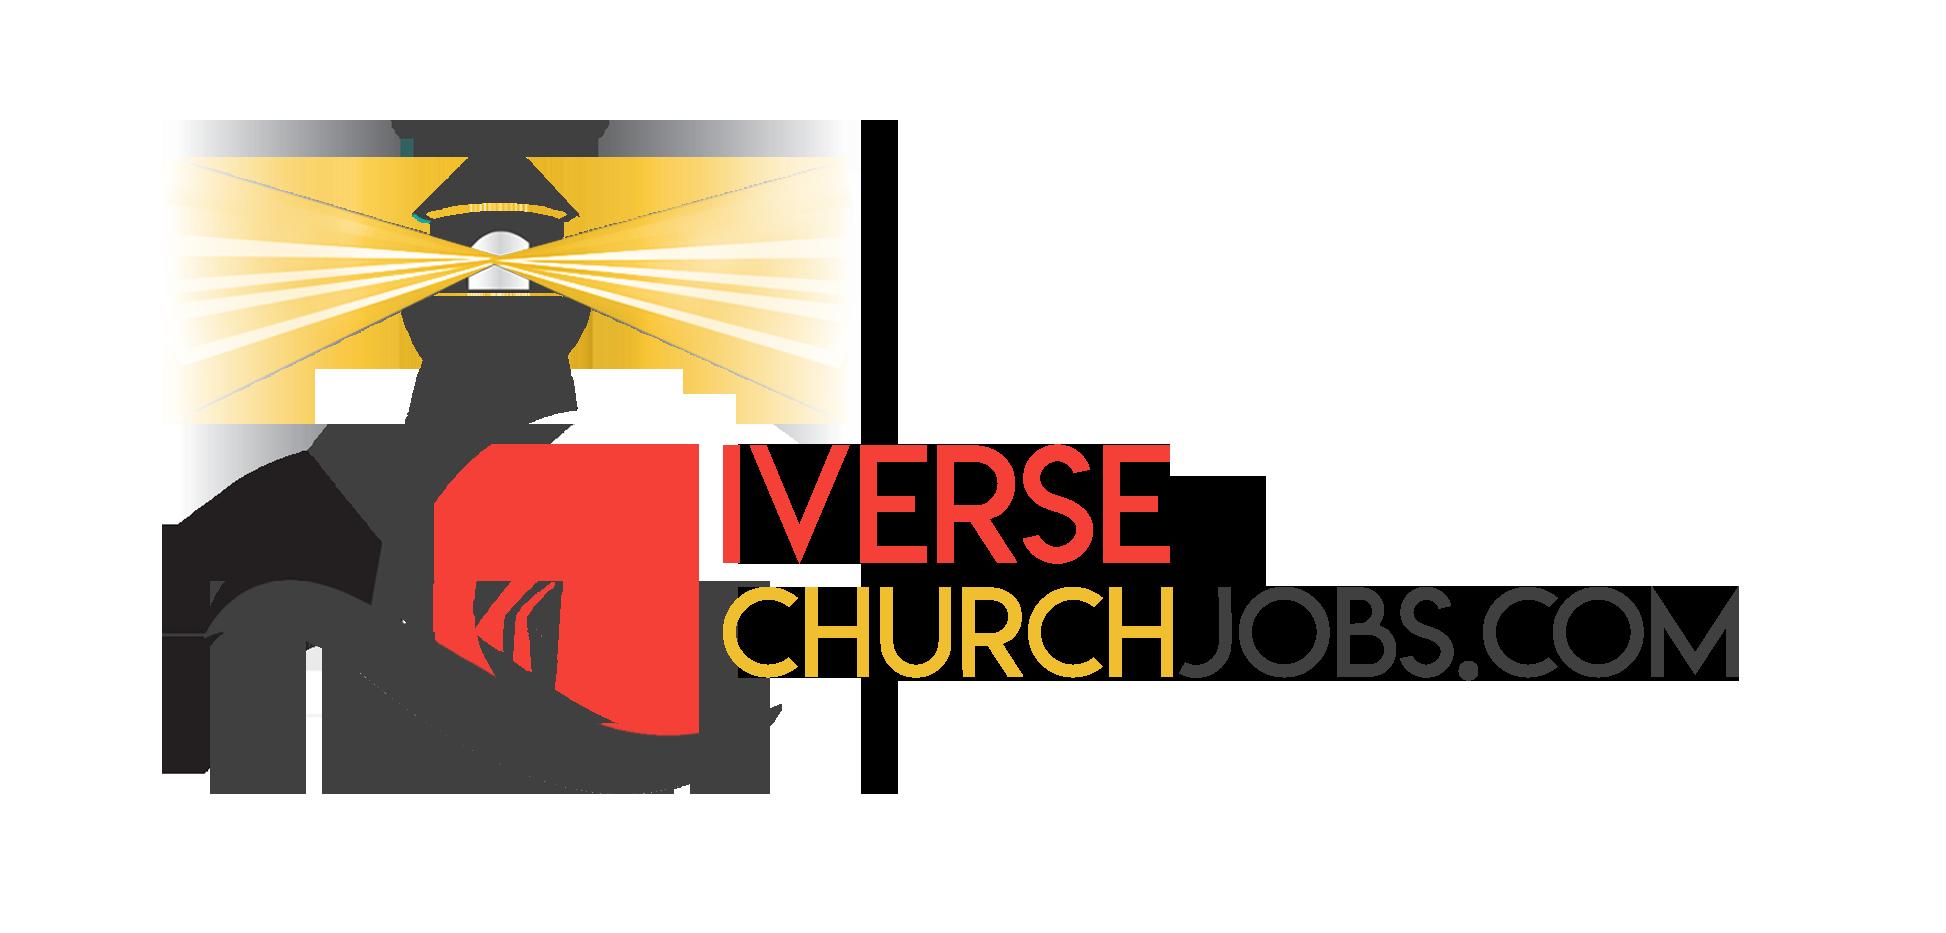 diverse church jobs logo